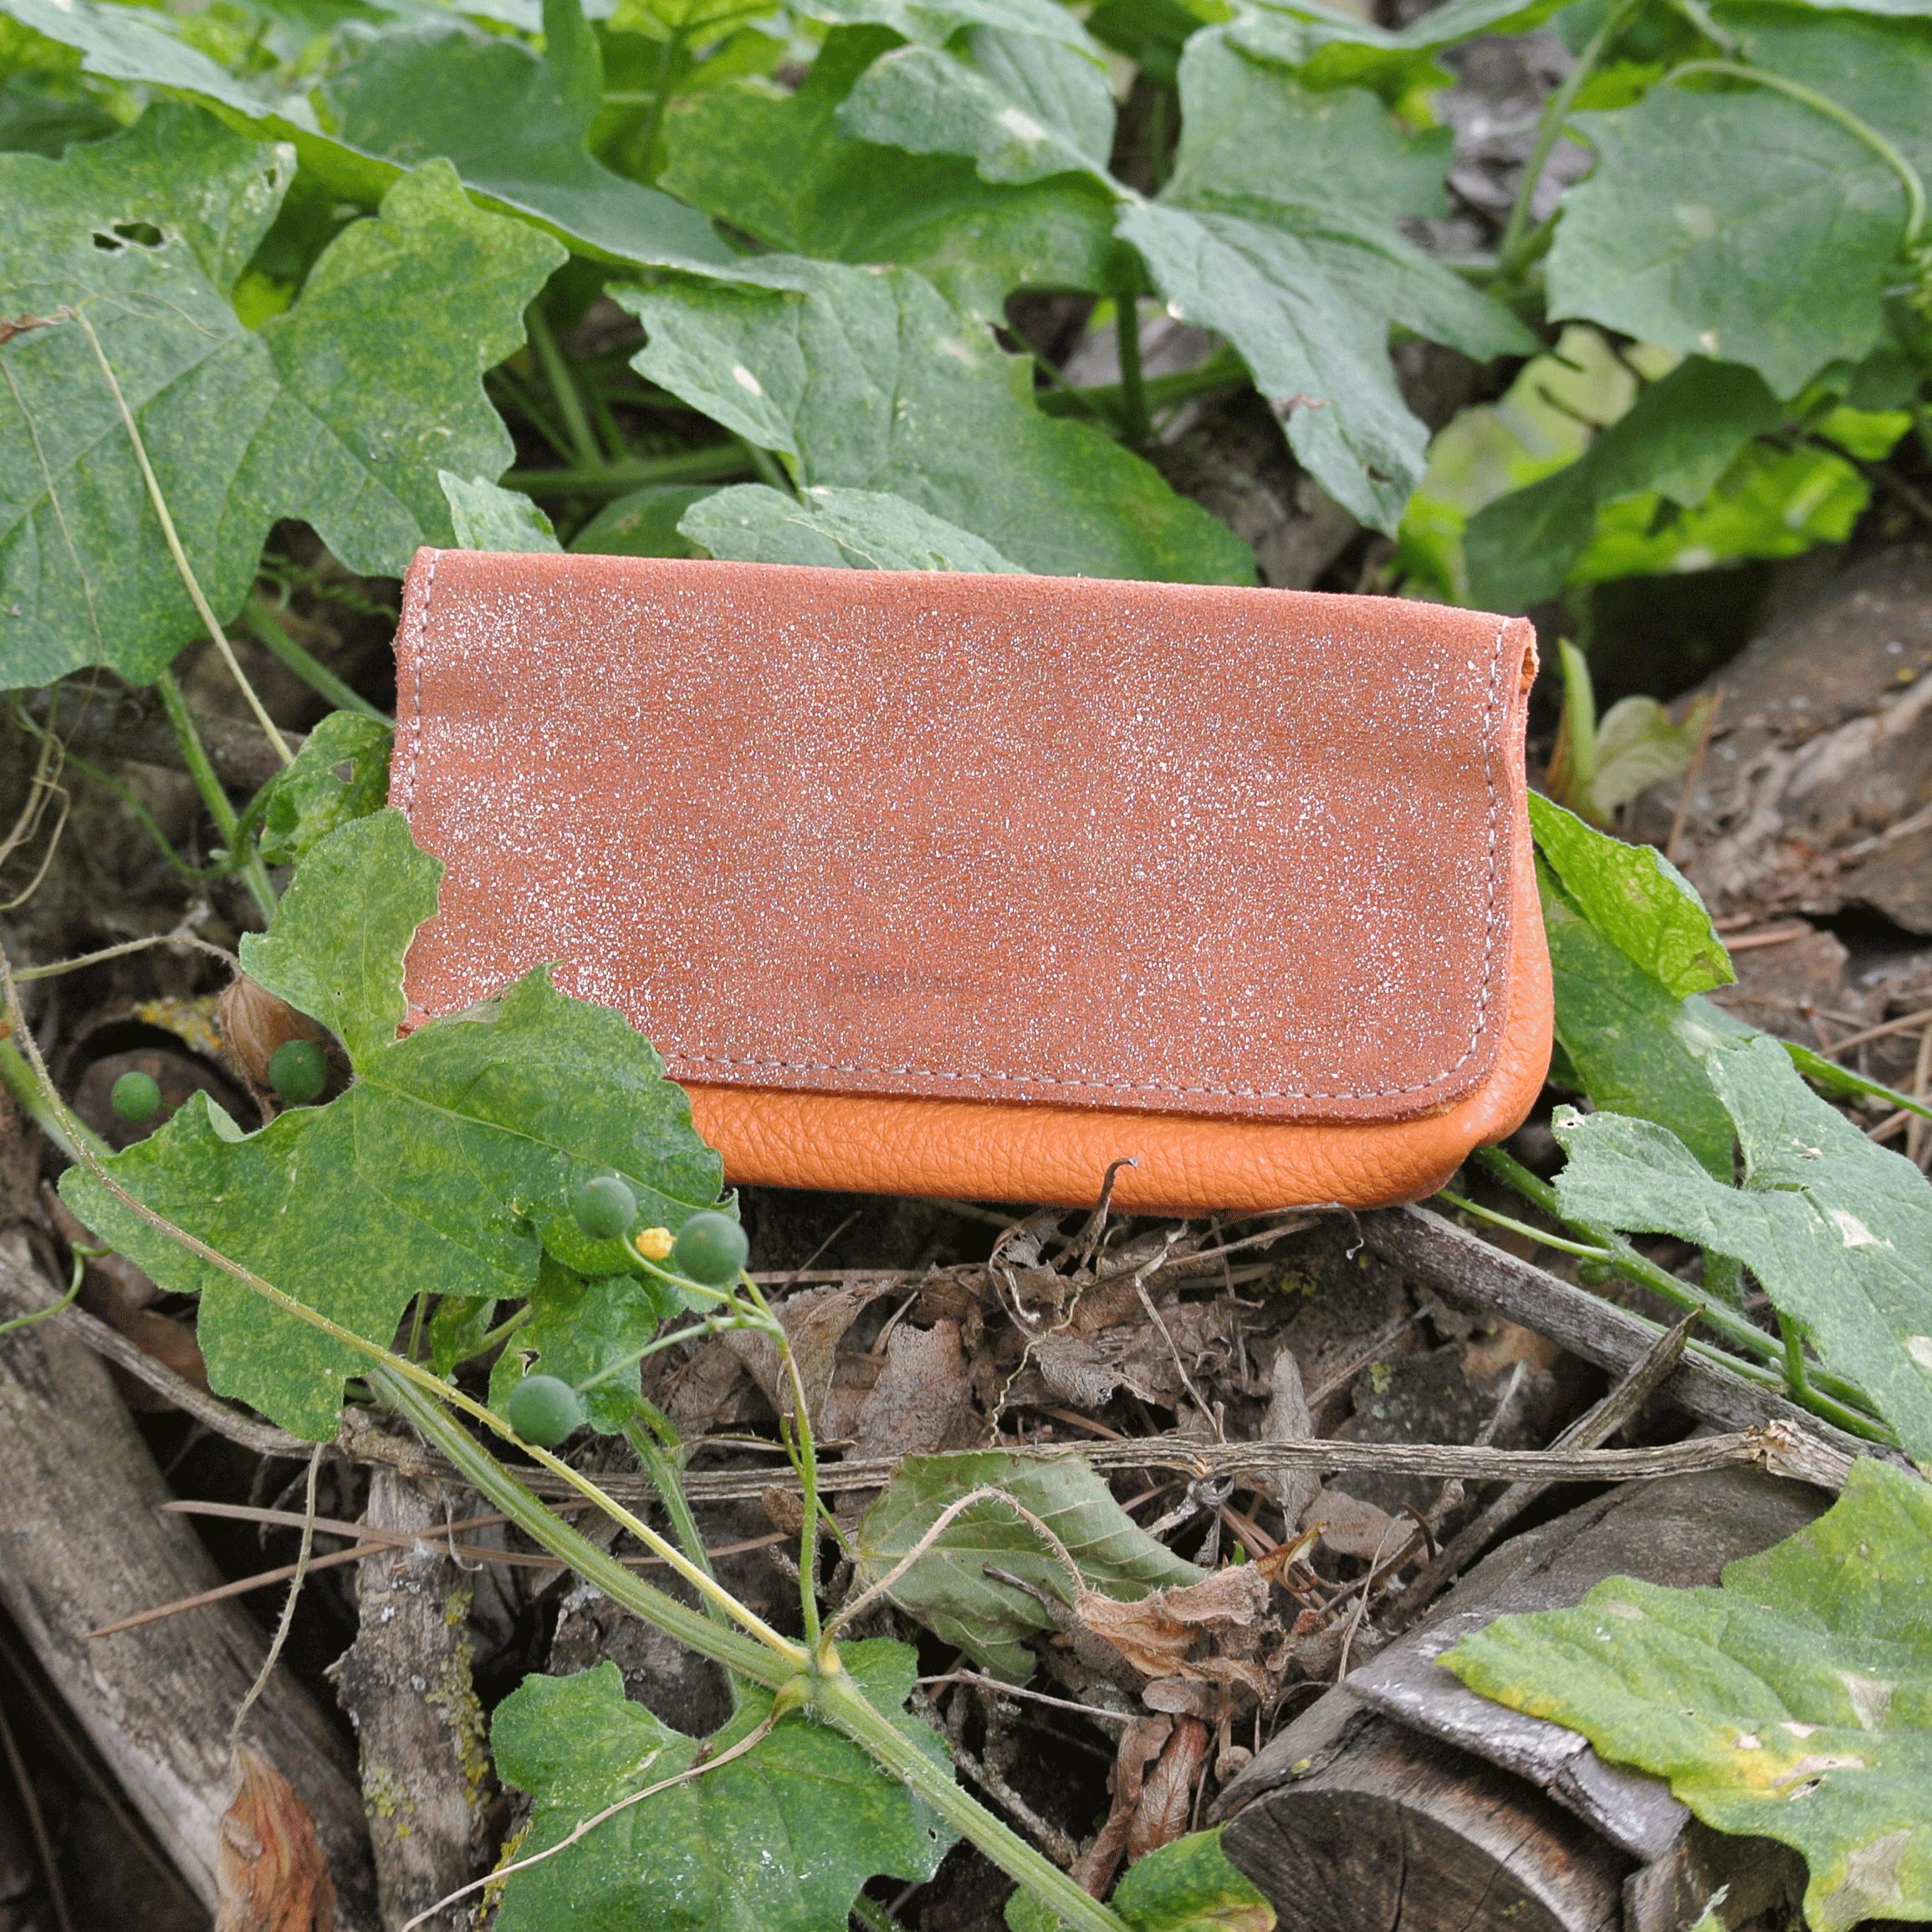 cuirs-pailletés-cuirs-fantaisies-fabriqué-en-france-la-cartabliere-blague-a-tout-en-cuir-paillete-citrouille